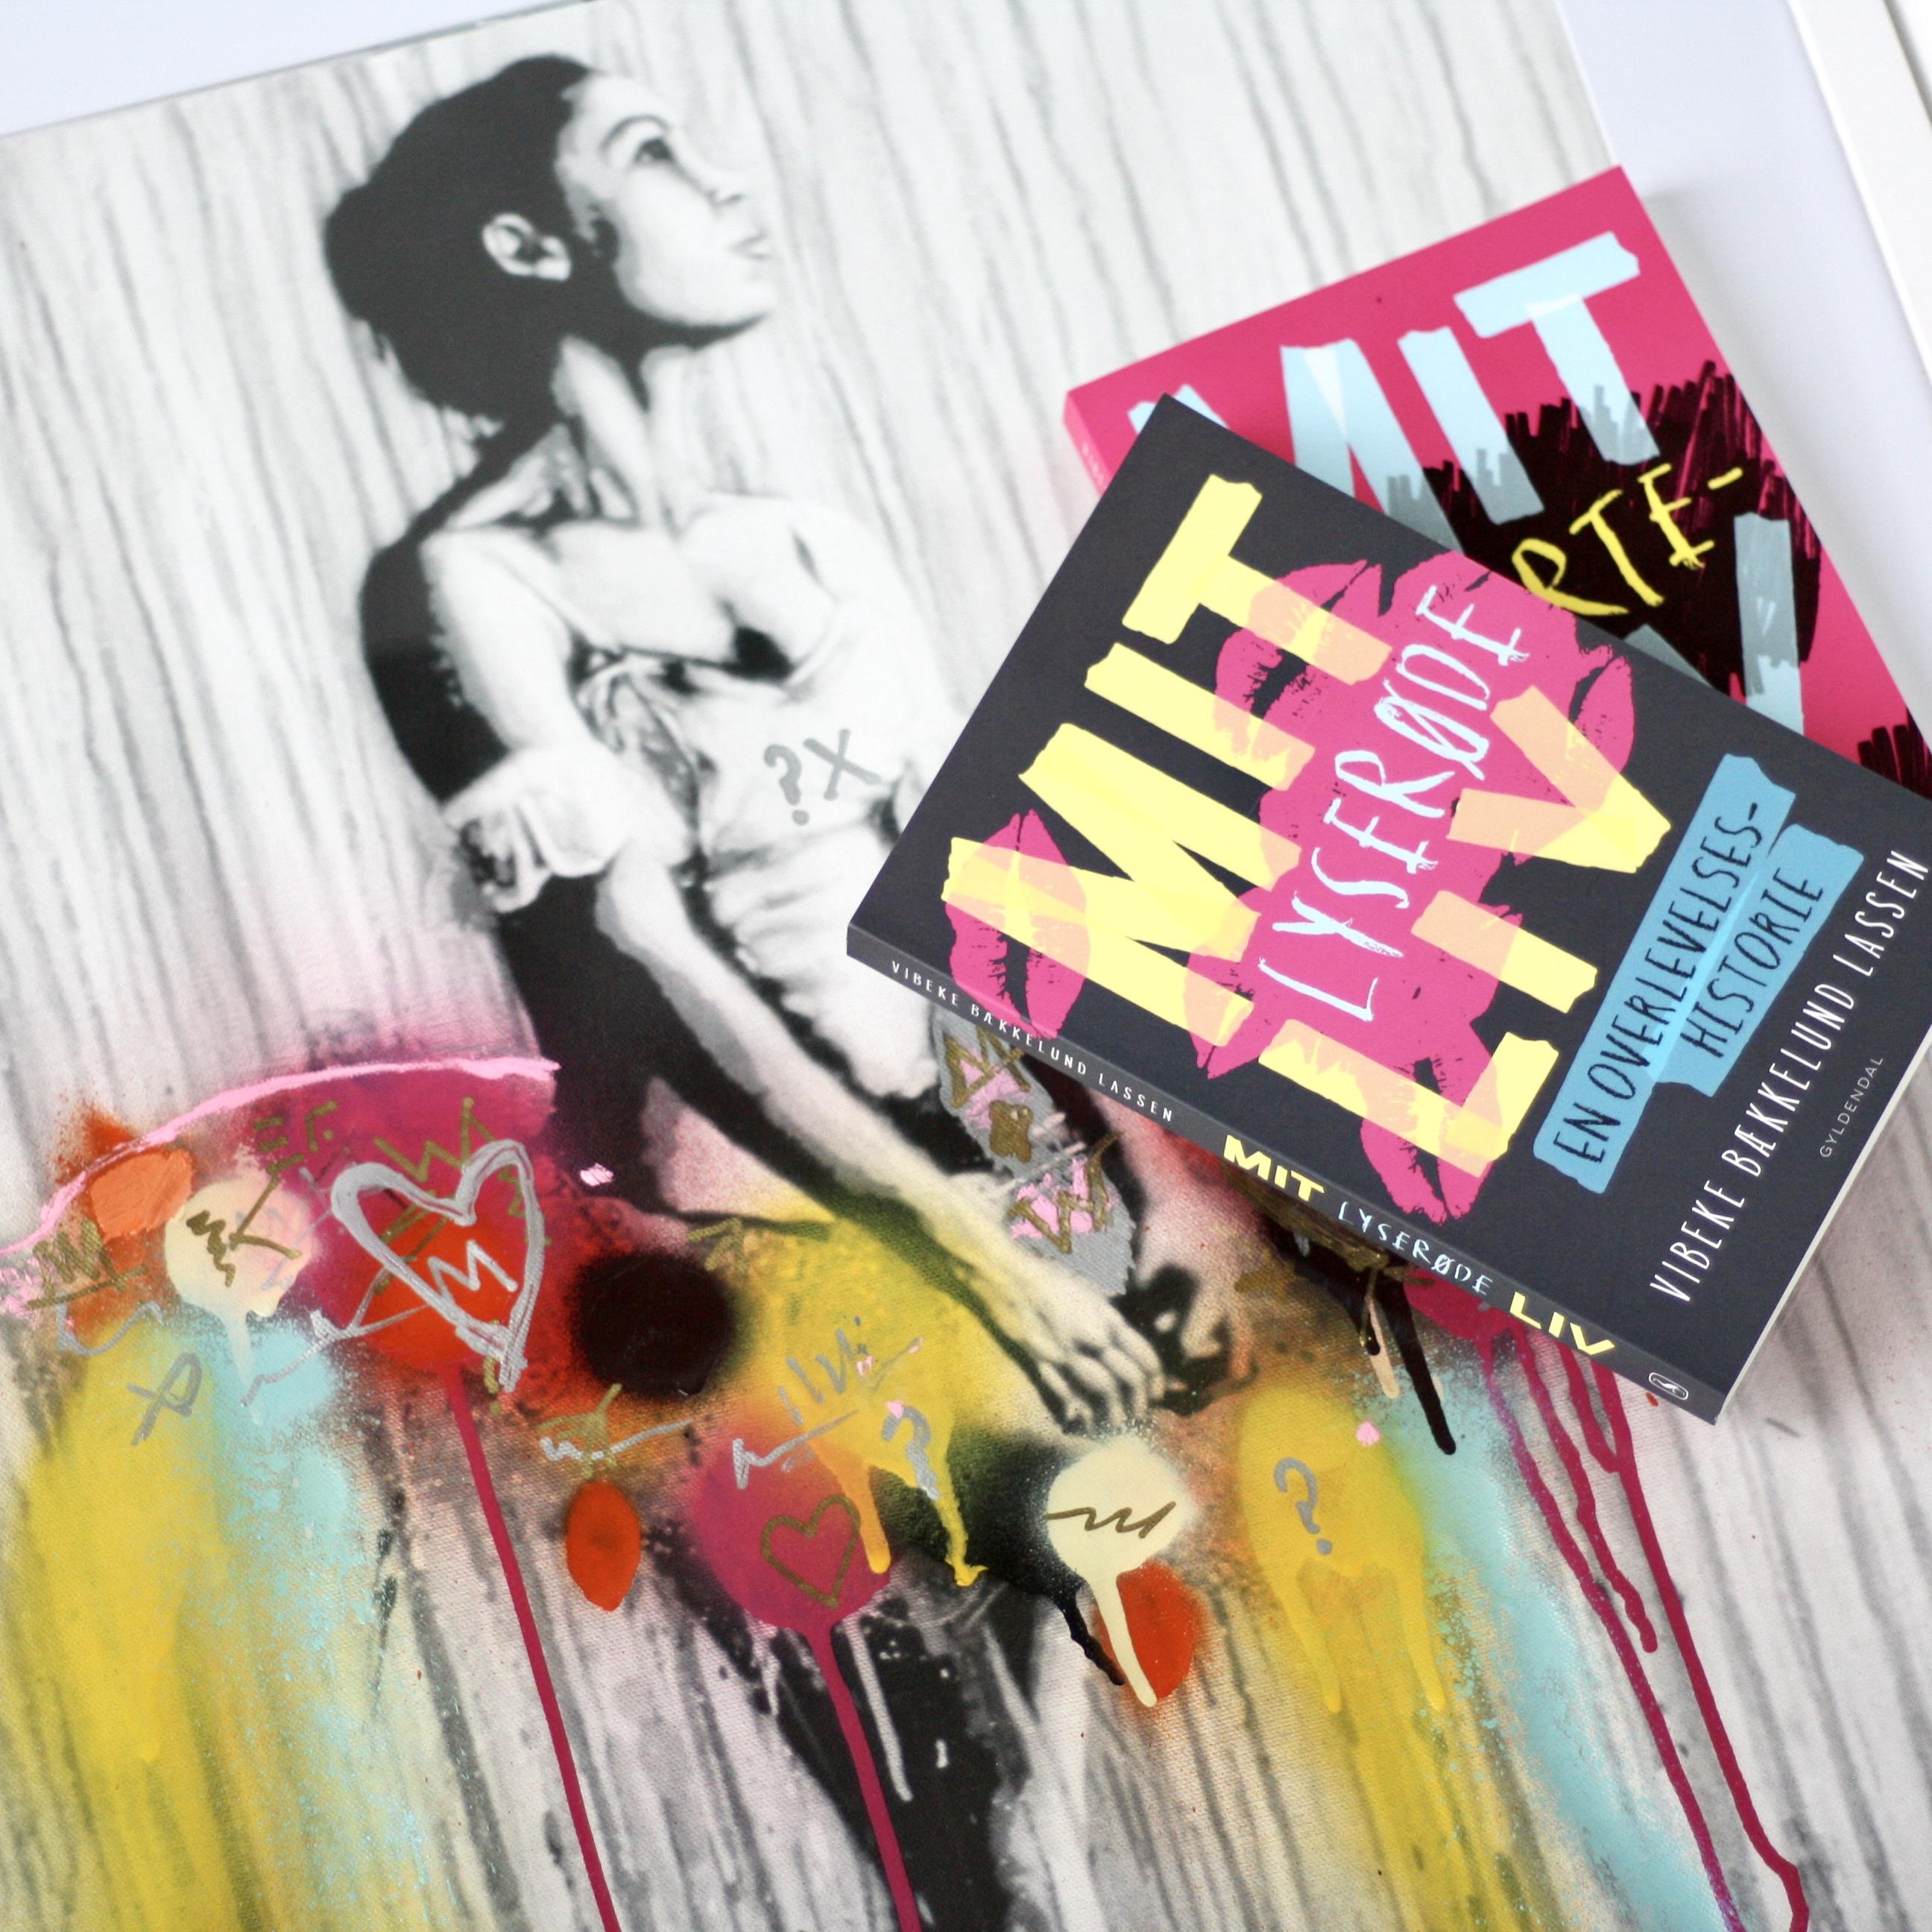 Mit lorteliv - en kærlighedshistorie, Mit lyserødeliv - en overlevelseshistorie, Vibeke Bækkelund Lassen, Bogoplevelsen